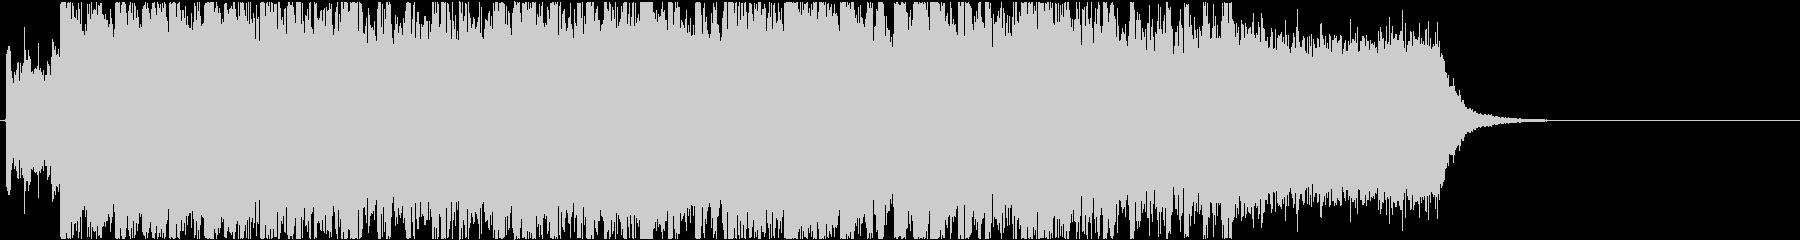 ニュースOP3 16bit44kVerの未再生の波形